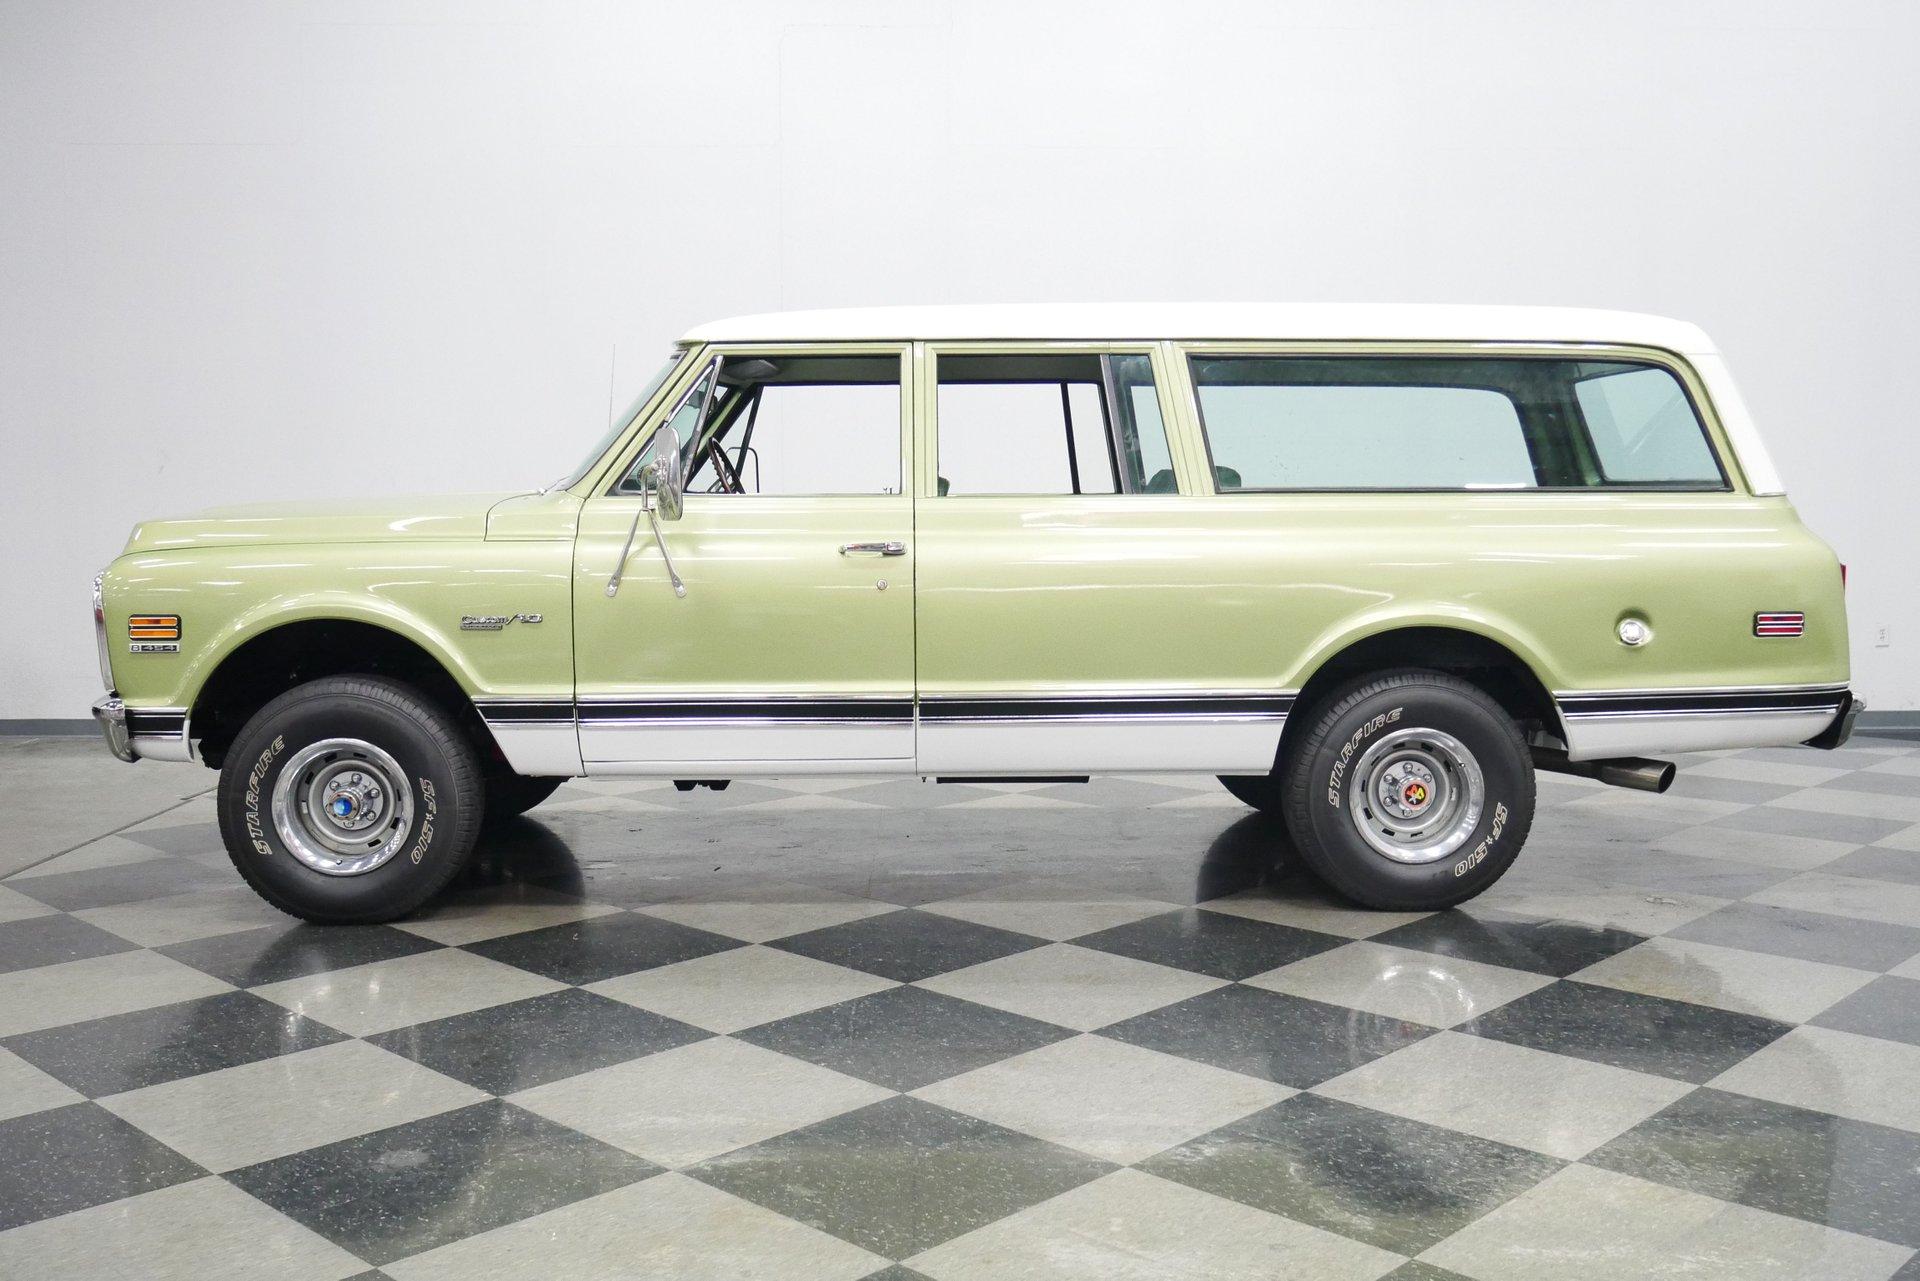 1972 chevrolet suburban 4x4 restomod